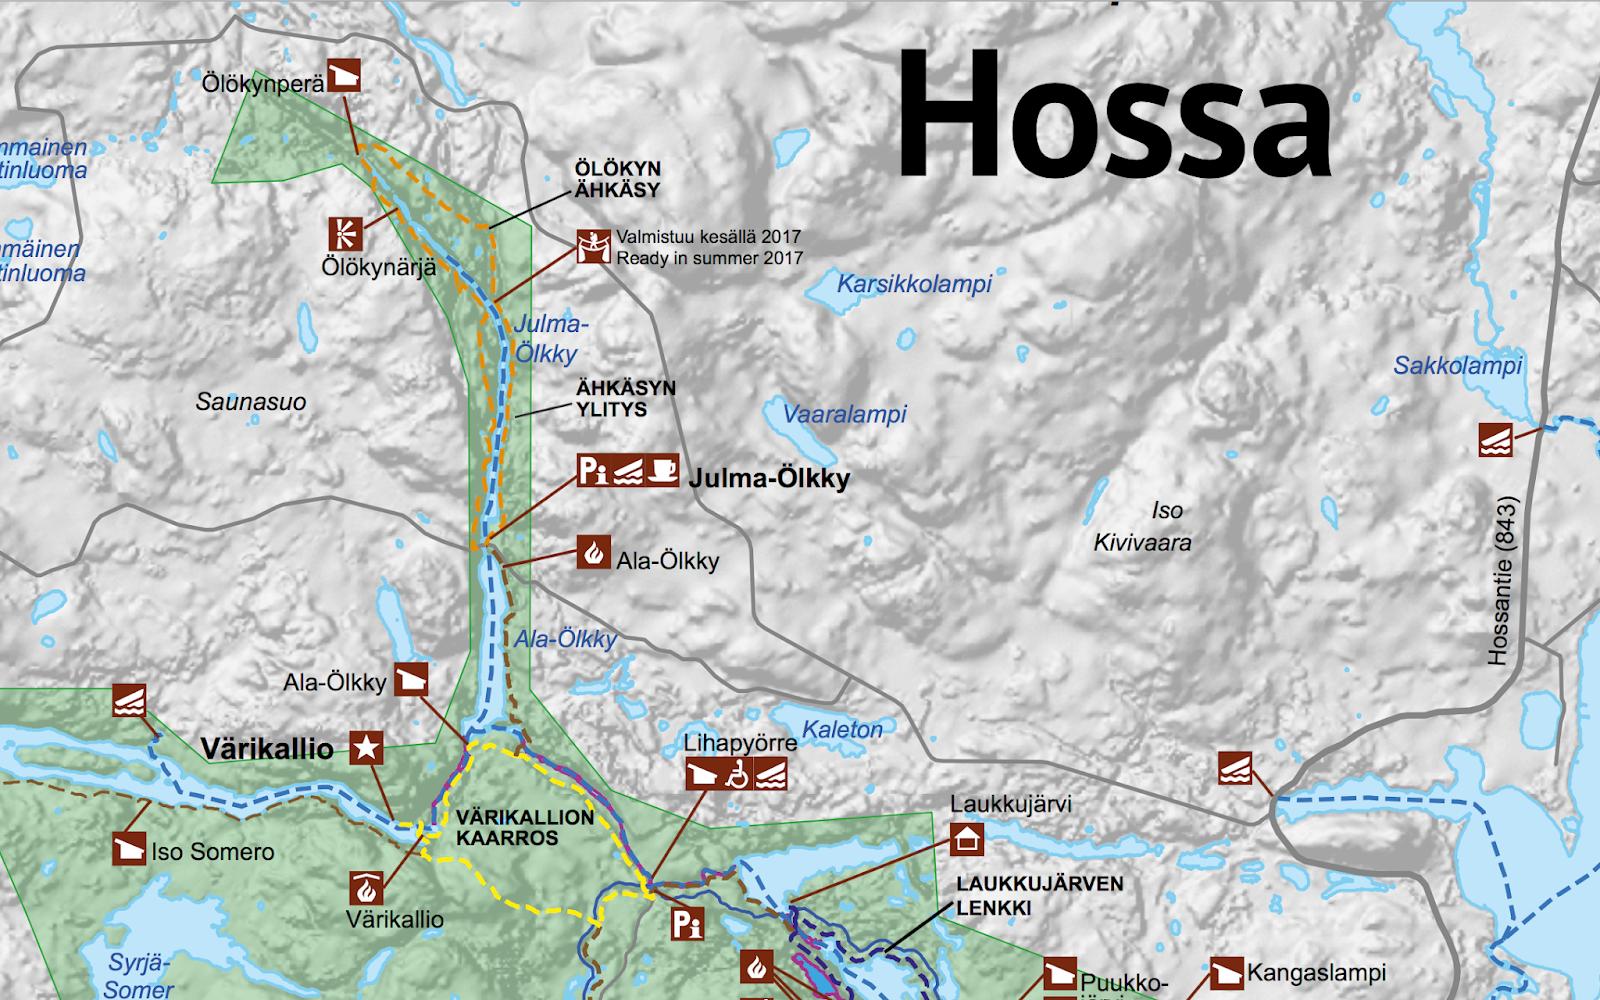 Hossan Kansallispuisto Kartta